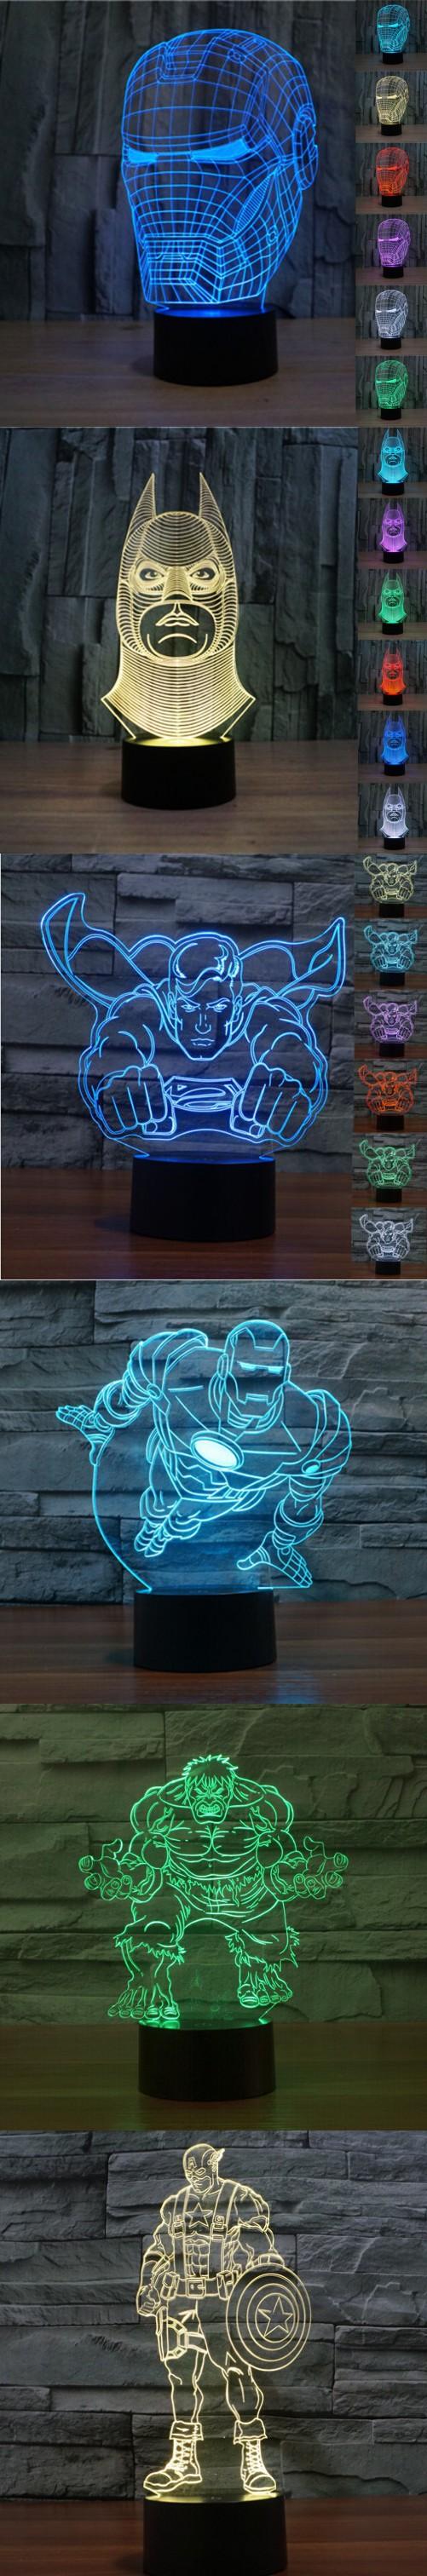 Super Hero Marvel Avengers Toys Iron Man Mask Light Up Toys Captain America 3d Led Lamp Best Child Gift Kids Toy 3d Led Lamp Iron Man Gift Marvel Avengers Toys